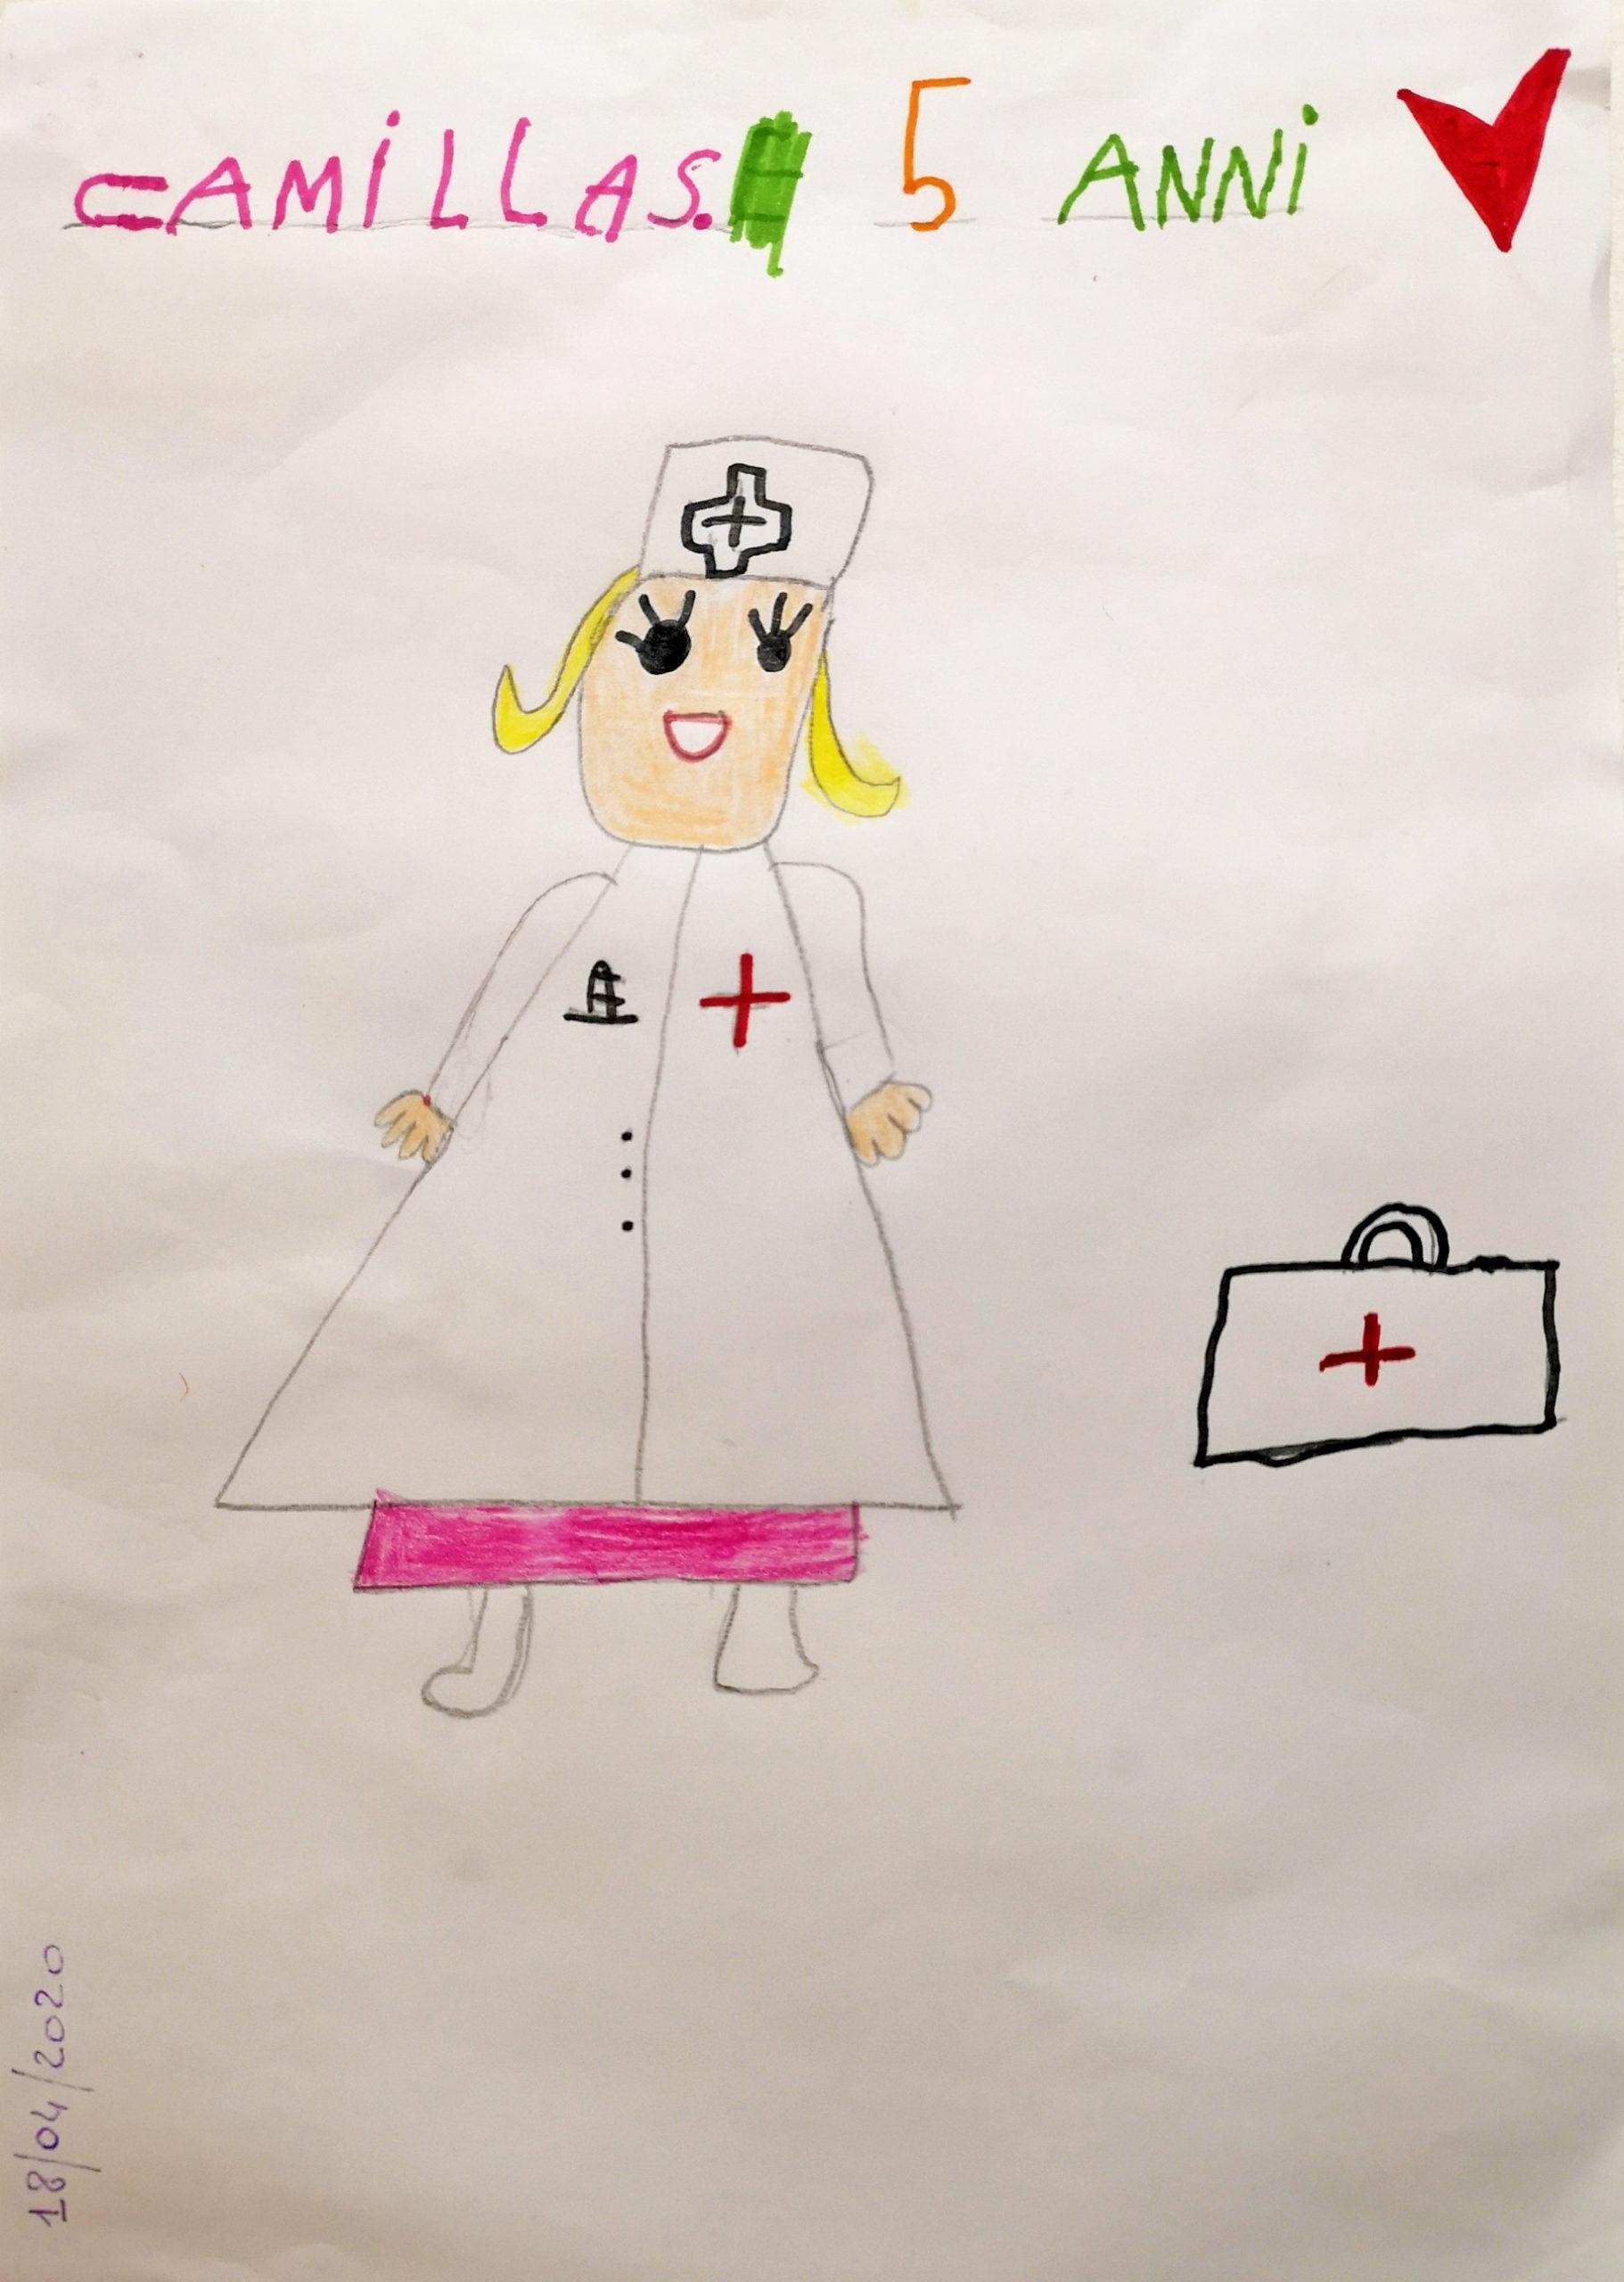 Questo disegno lo ha fatto Camilla (5 anni)